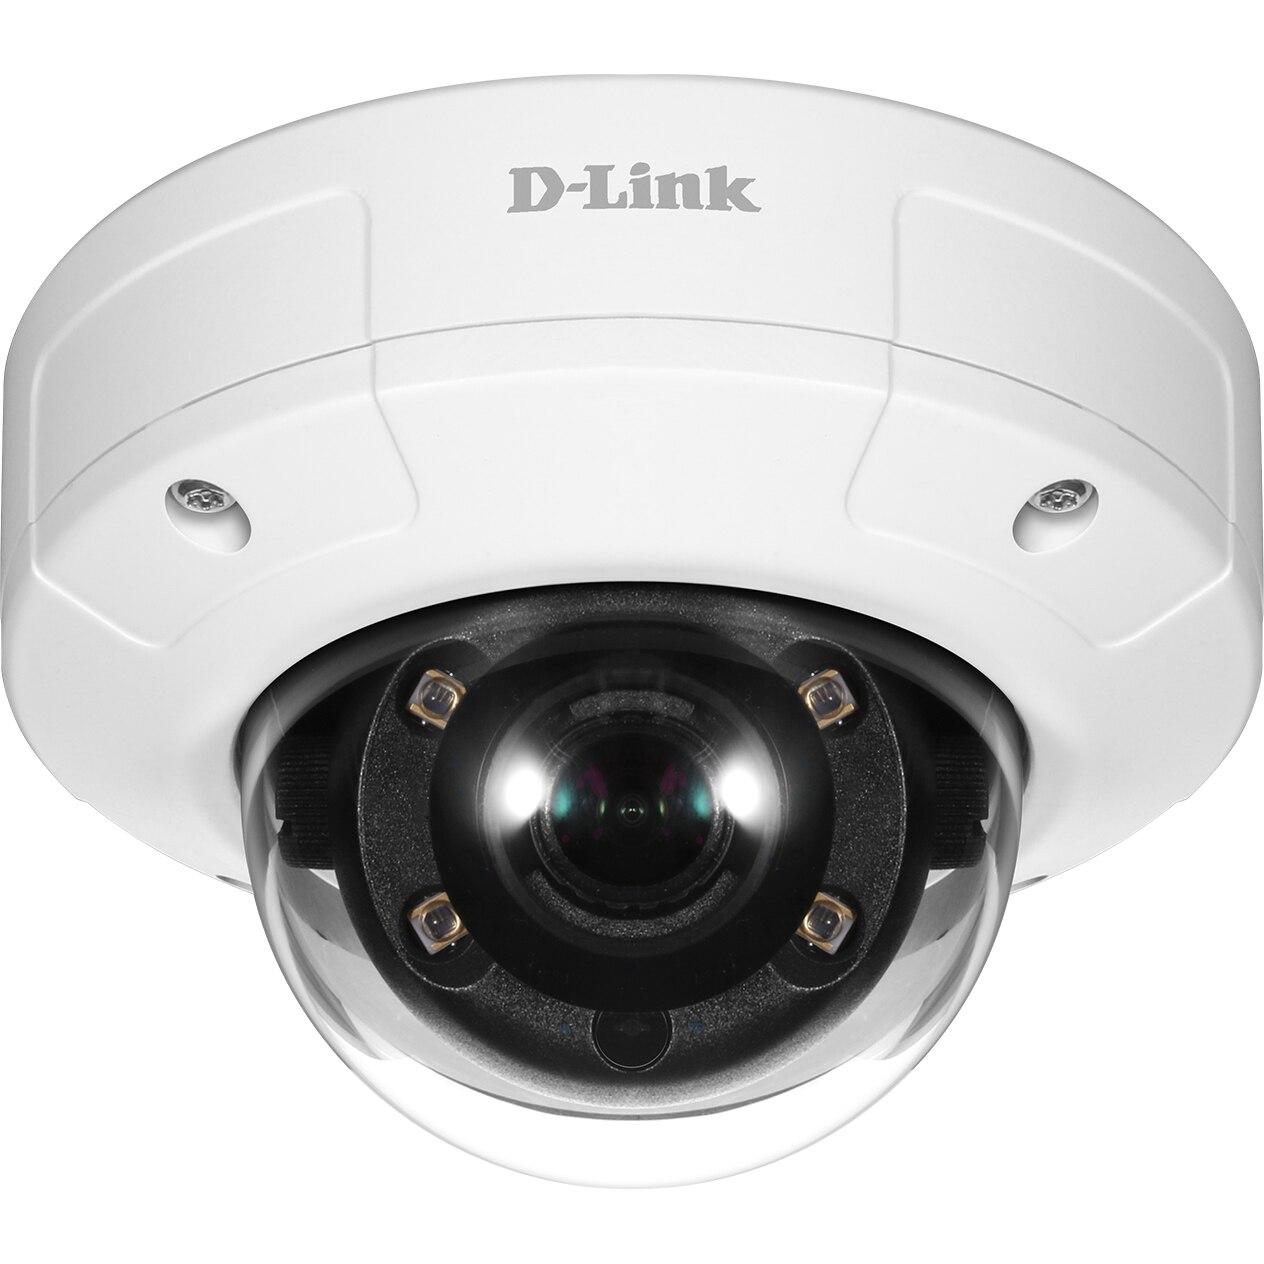 Fotografie Camera de supraveghere D-Link Vigilance Full HD Outdoor Vandal-Proof PoE Dome